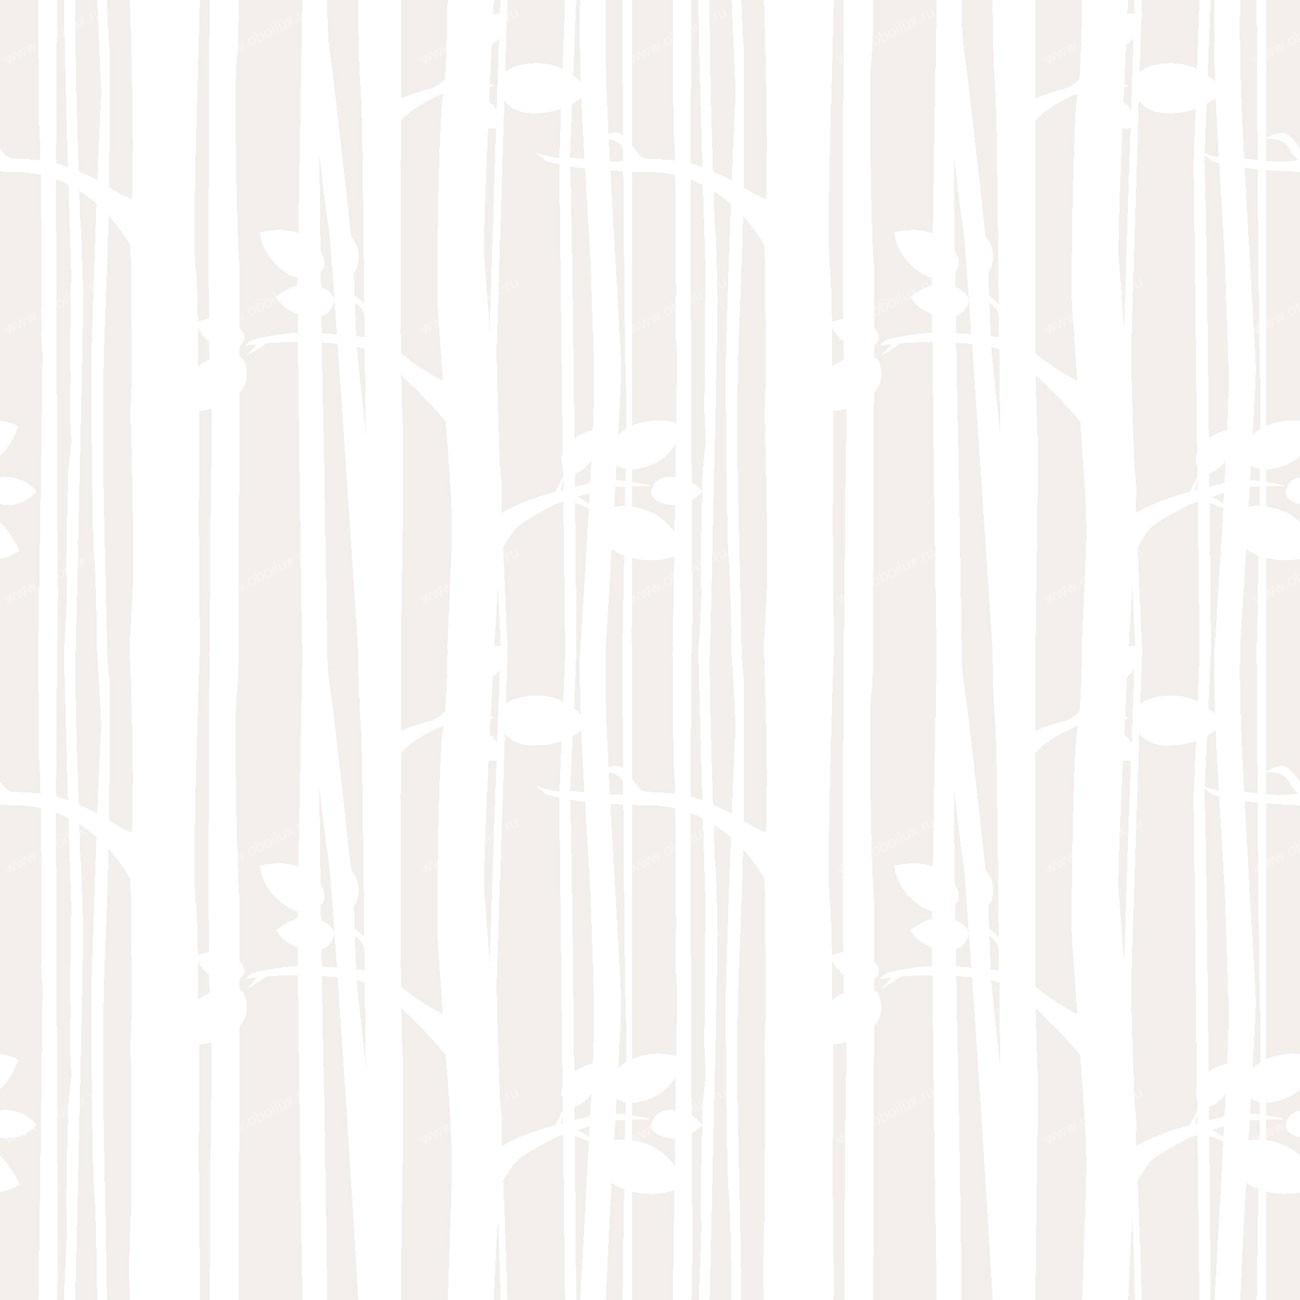 Шведские обои Duro,  коллекция Galleri, артикул320-01